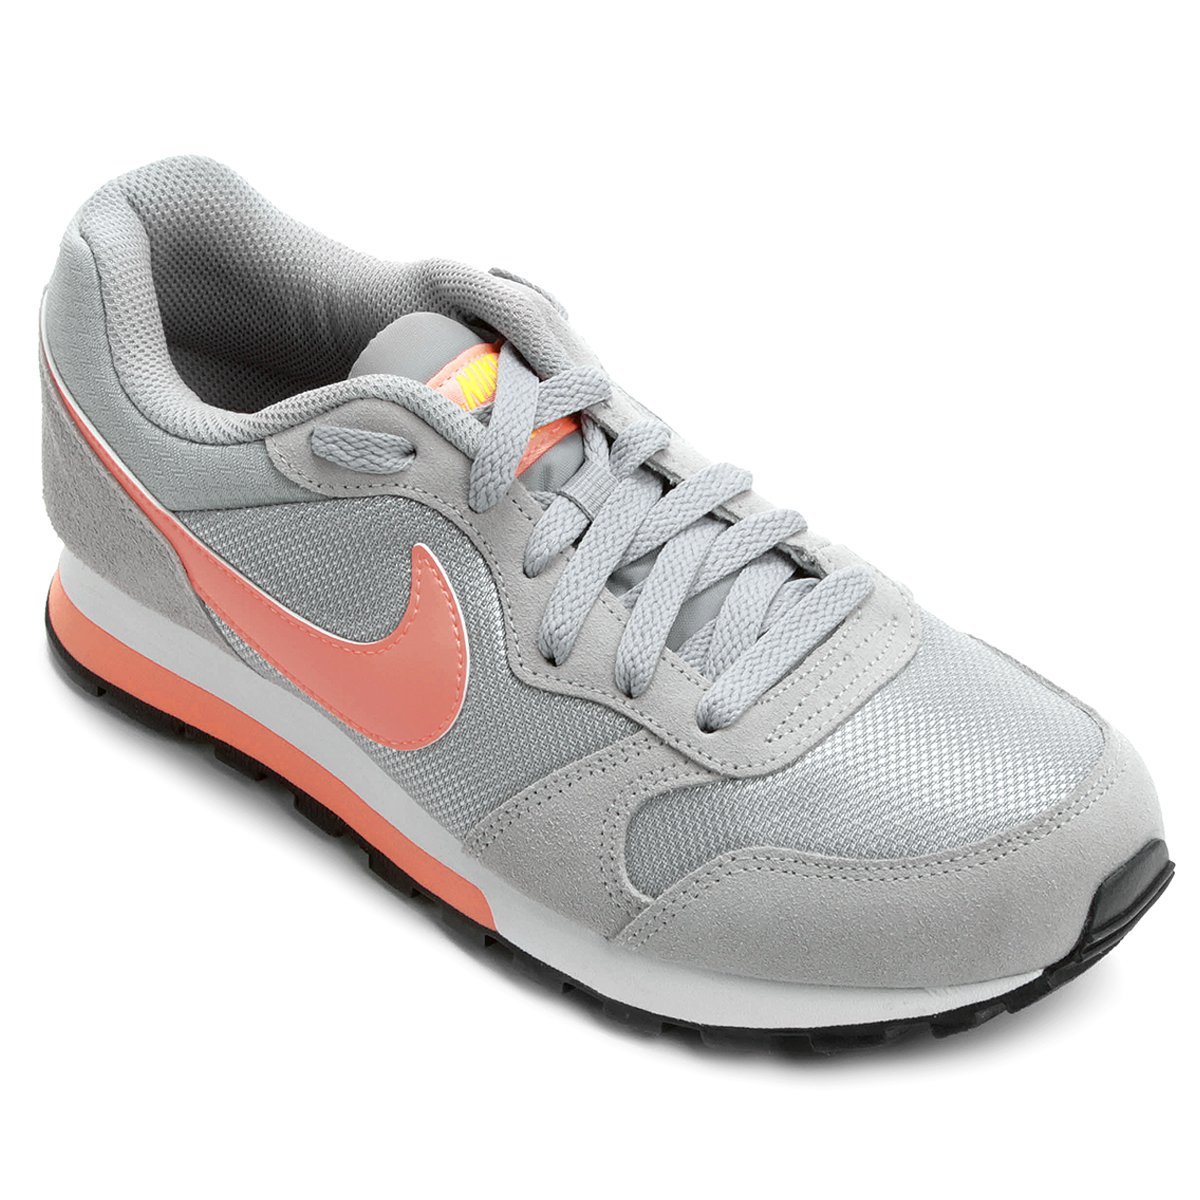 30dbbe9968a77 Tênis Nike Md Runner 2 Feminino - Cinza e Salmão - Compre Agora